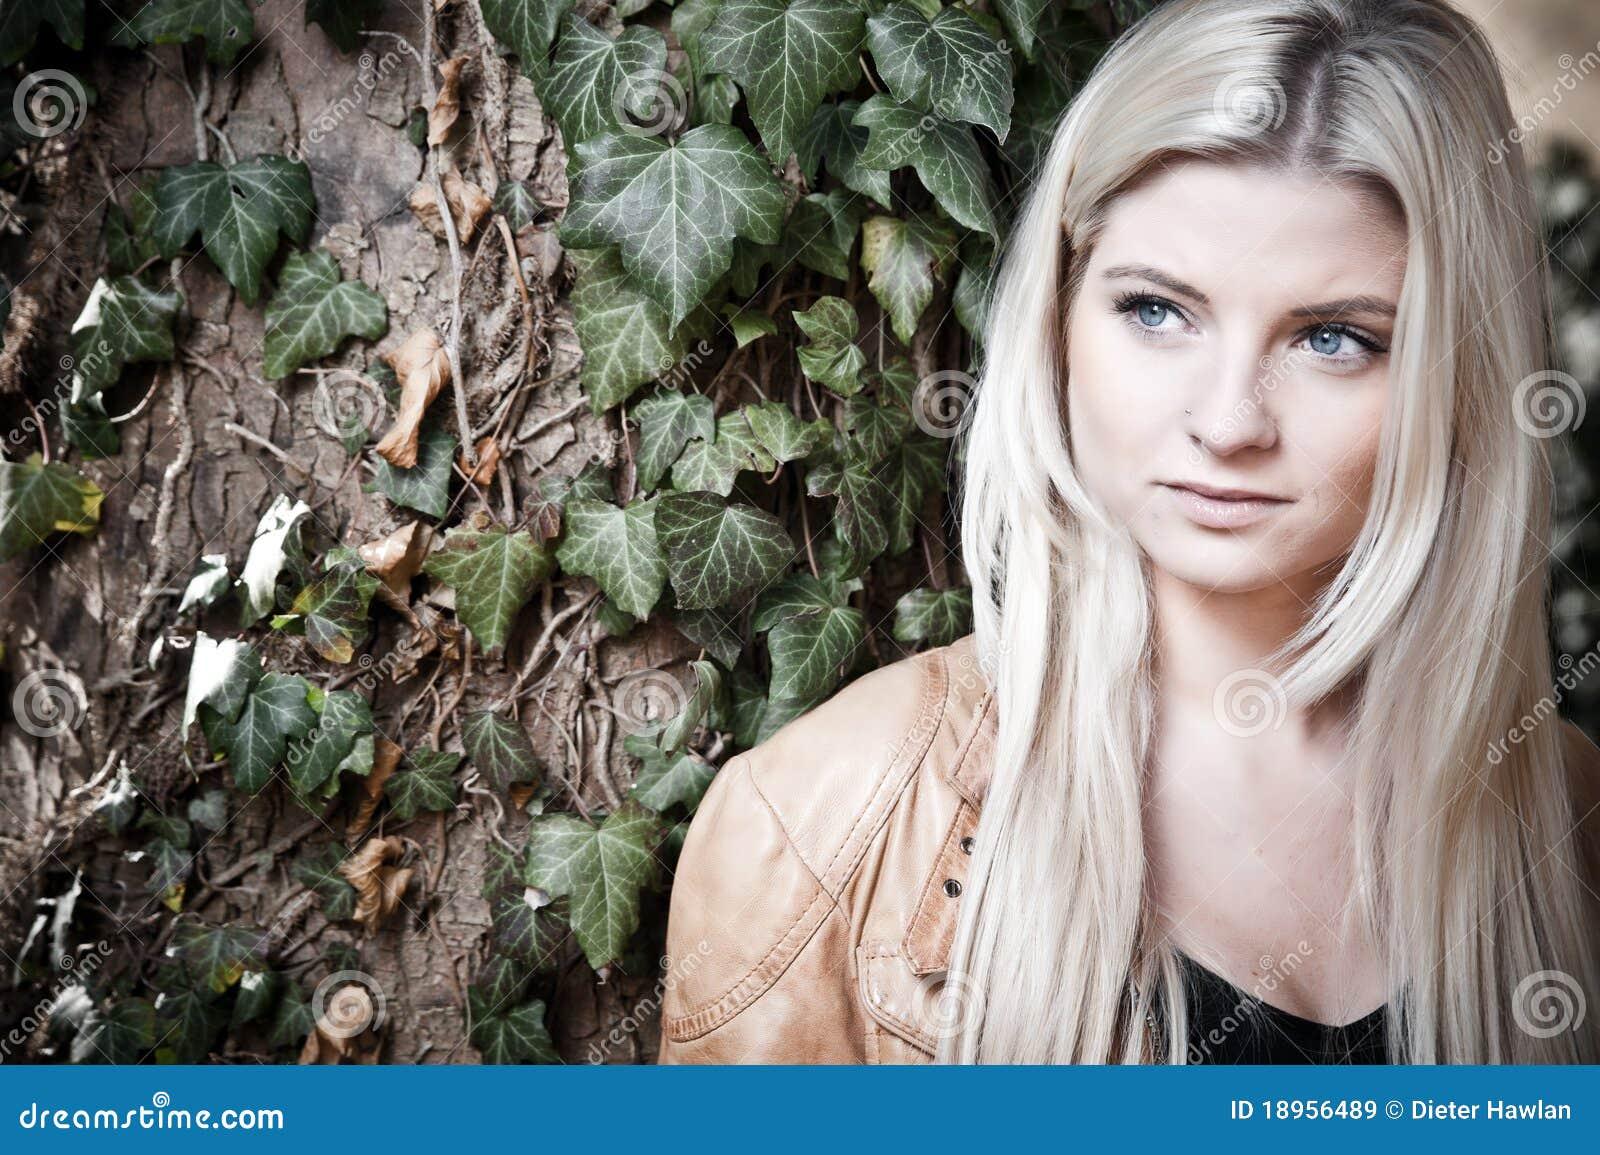 >> TE VEO Y TE SIENTO << - Página 3 Blonde-con-una-mirada-so%C3%B1adora-18956489